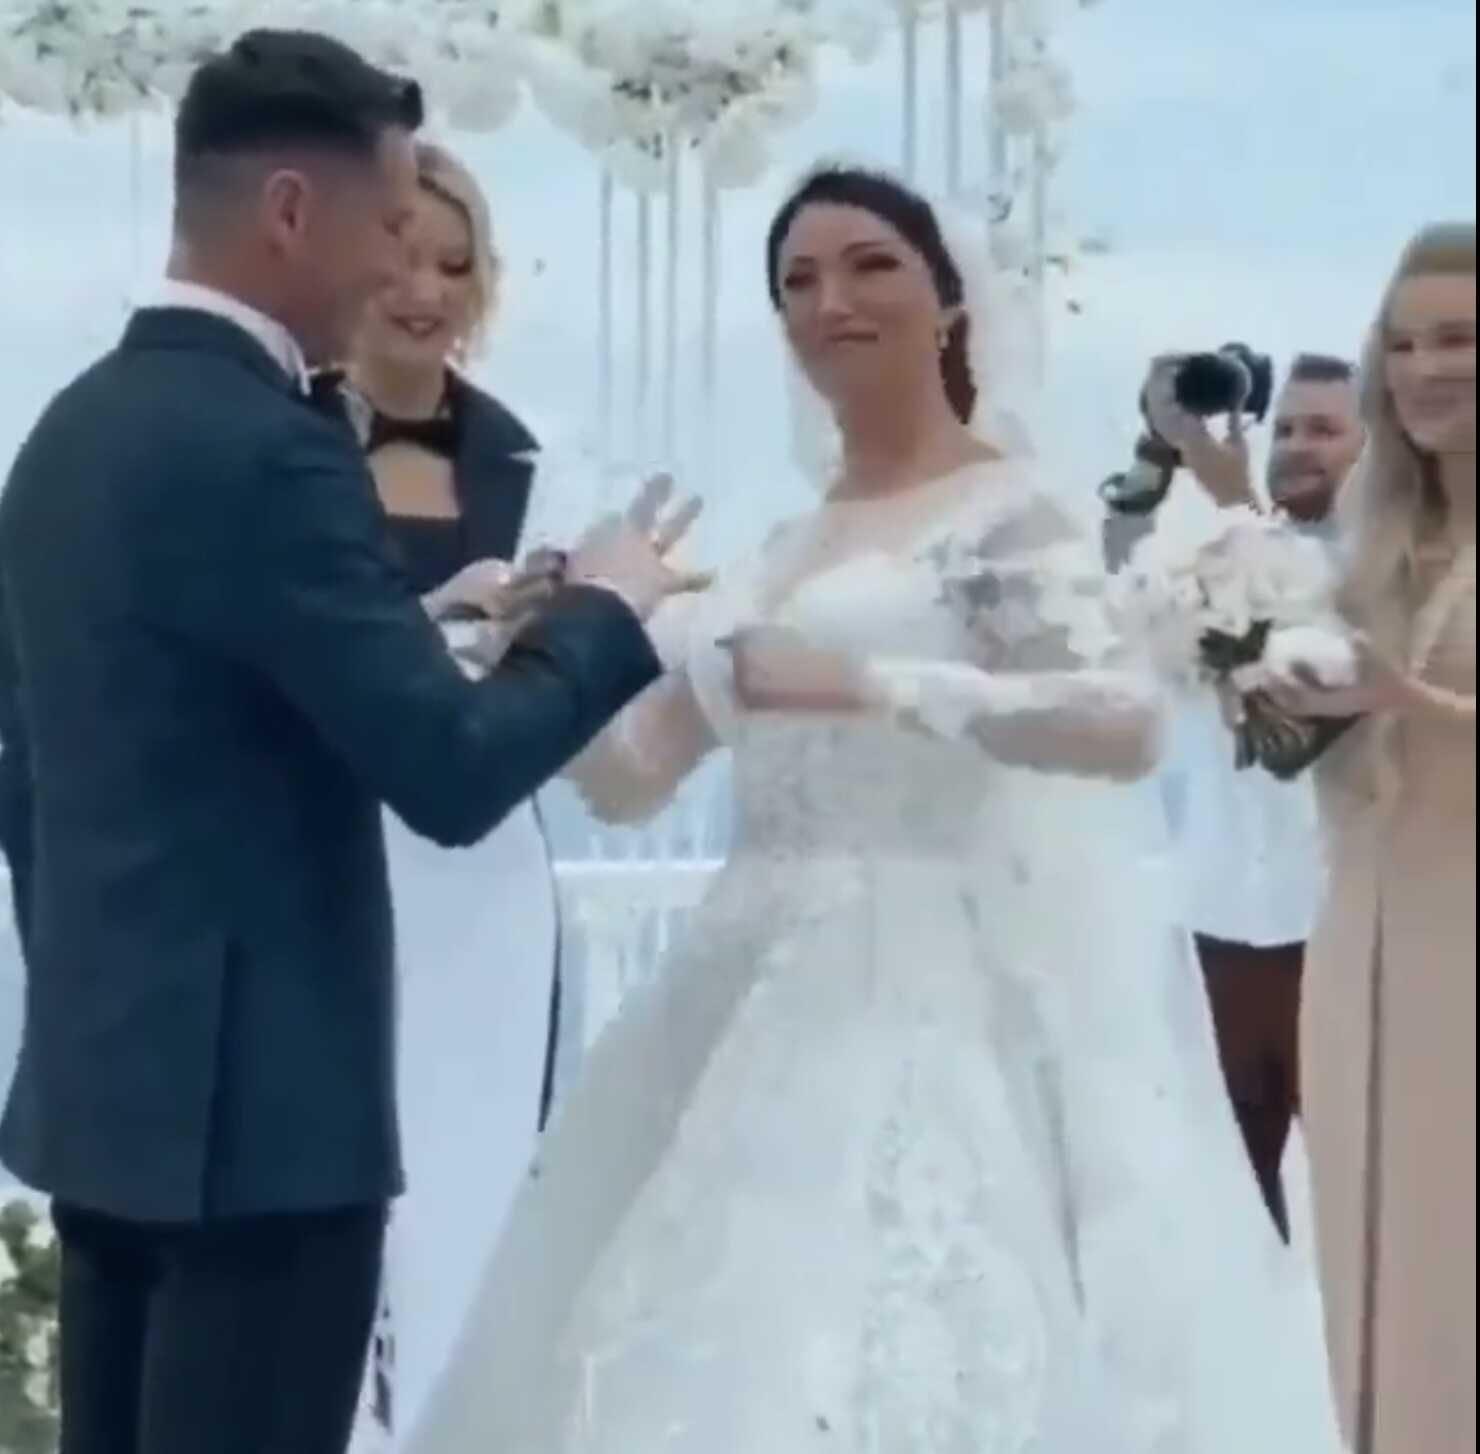 «Туго идёт»: Анастасия Макеева силой надела обручальное кольцо на Романа Малькова, взяв его палец в рот